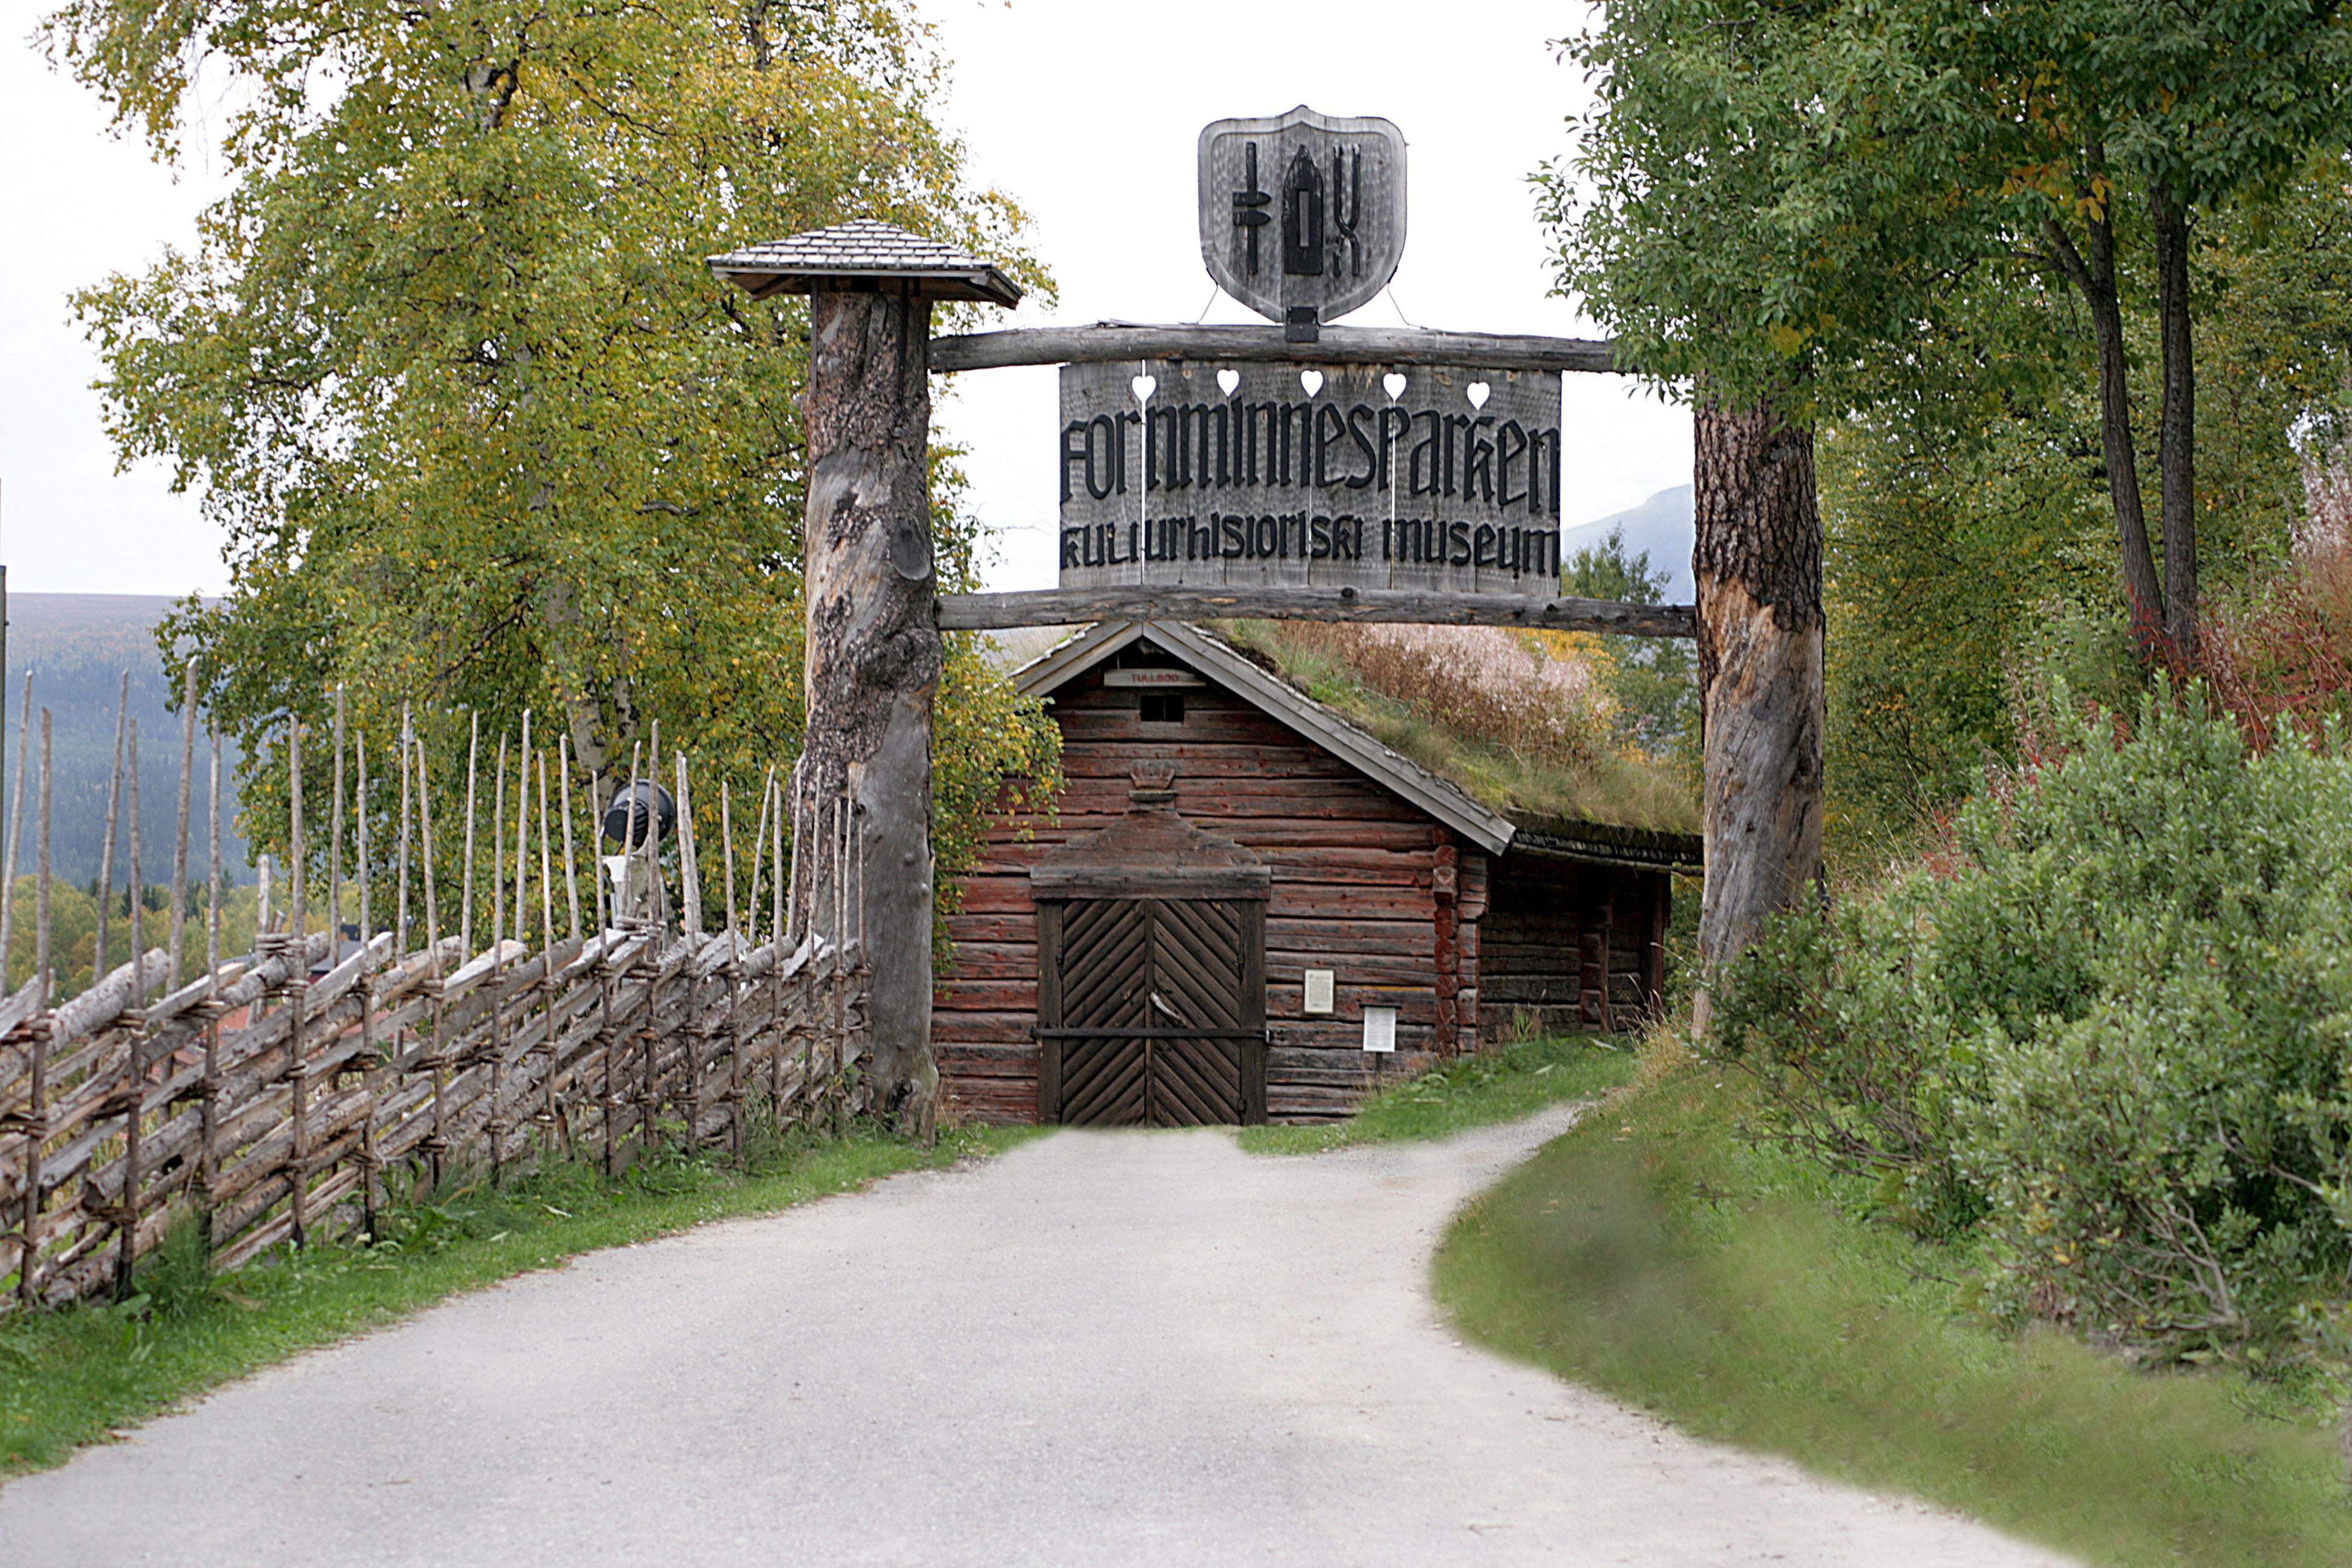 Härjedalens Fjällmuseum